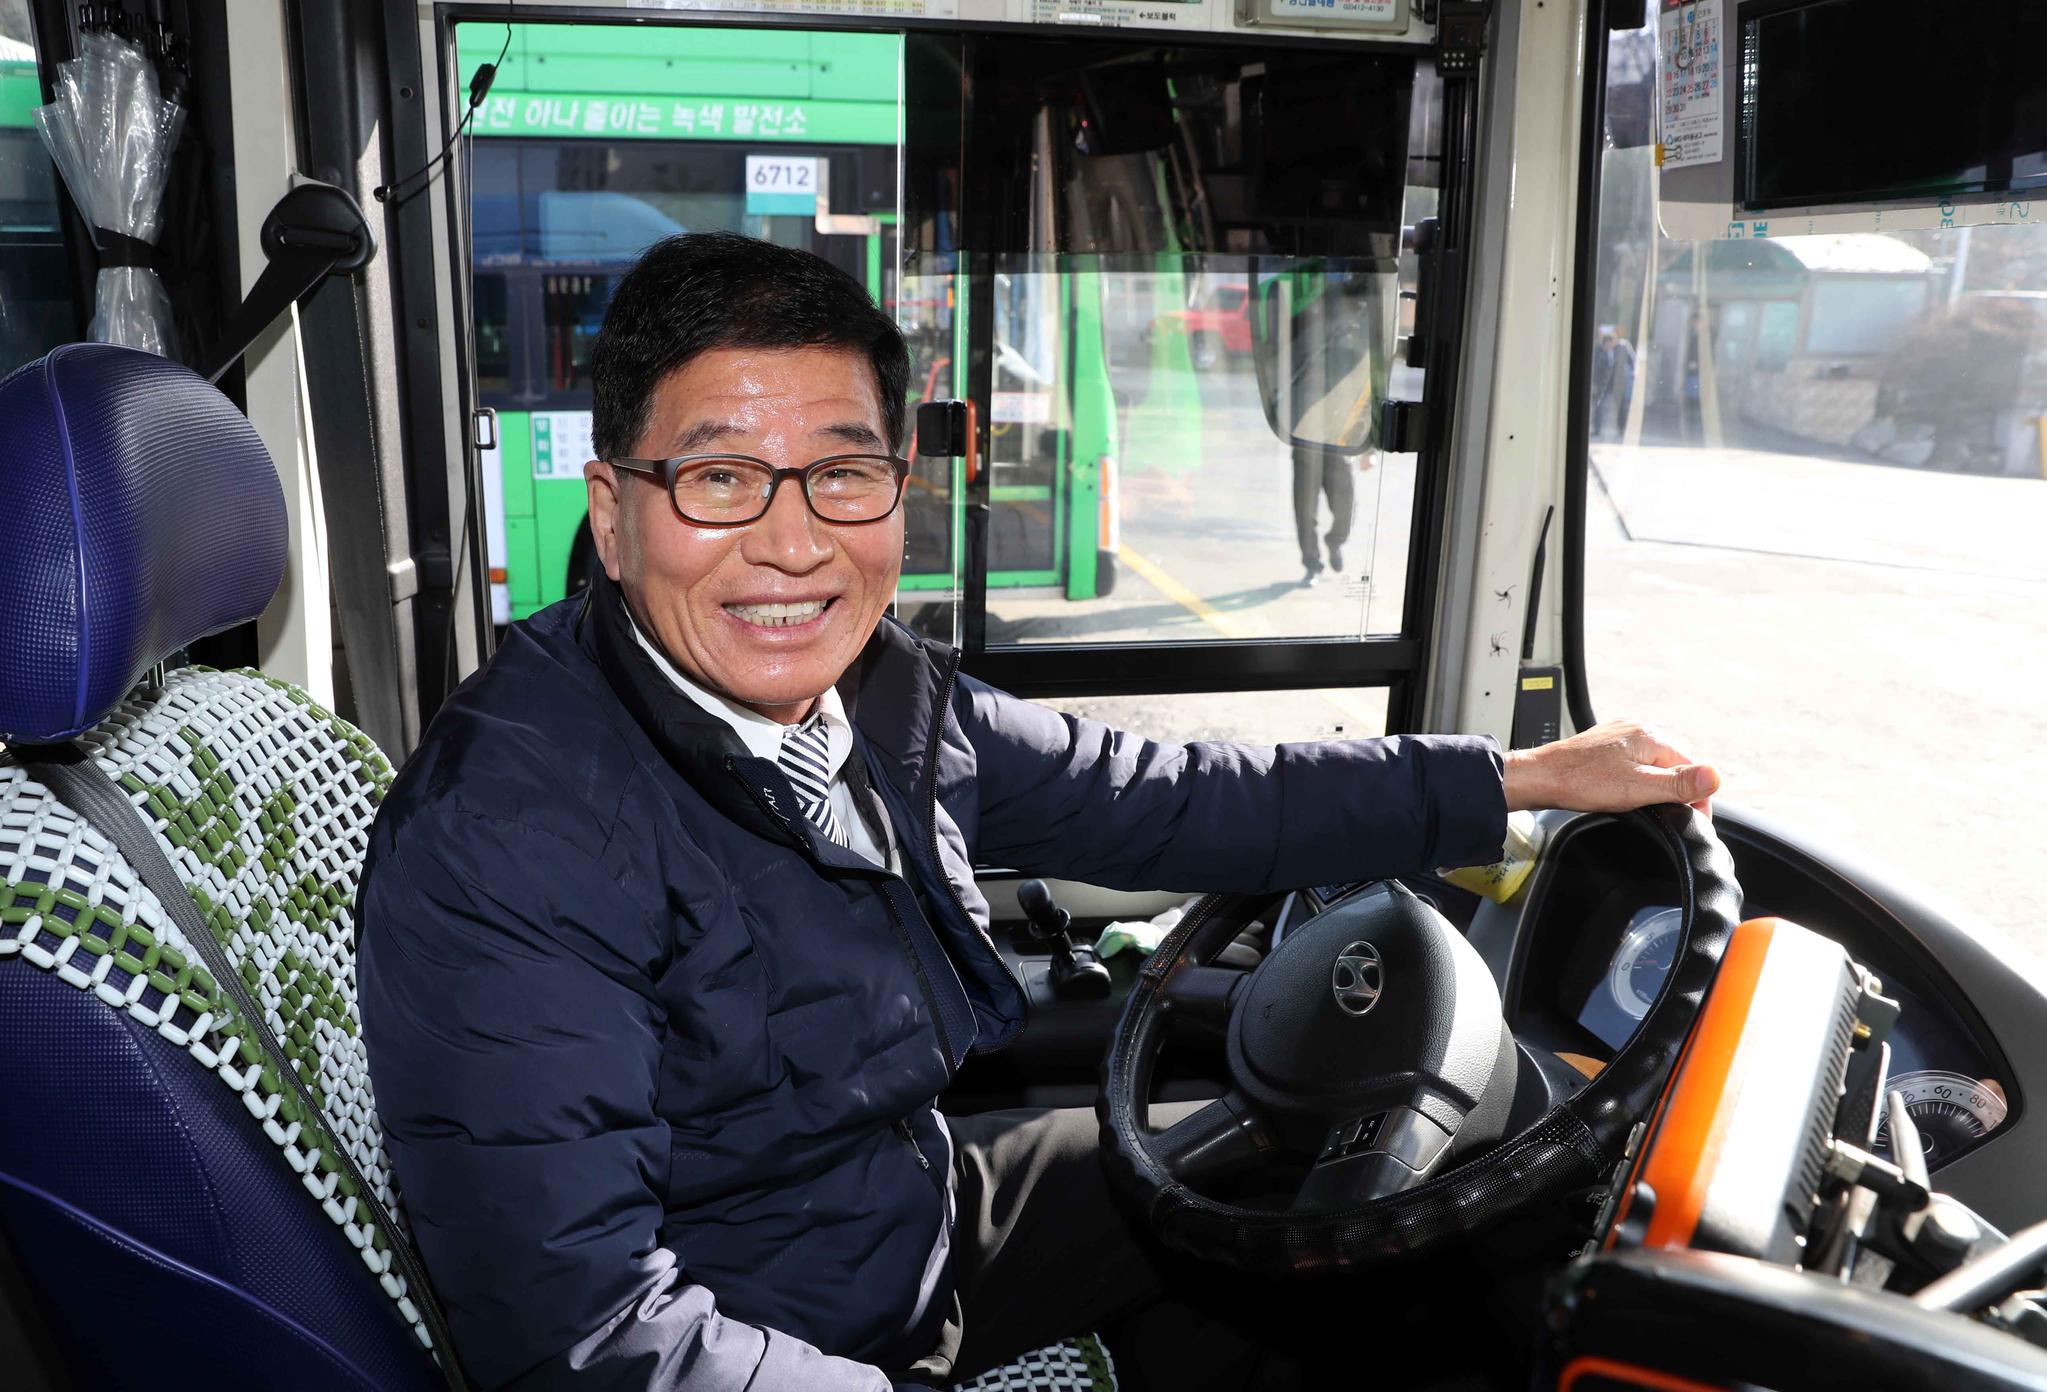 55년생 강재연씨가 차고지에서 배차를 기다리며 버스 운전석에 앉아 있다. 40년 베테랑 기사인 그는 청년들에 대한 미안함을 여러 차례 표했다. 김상선 기자